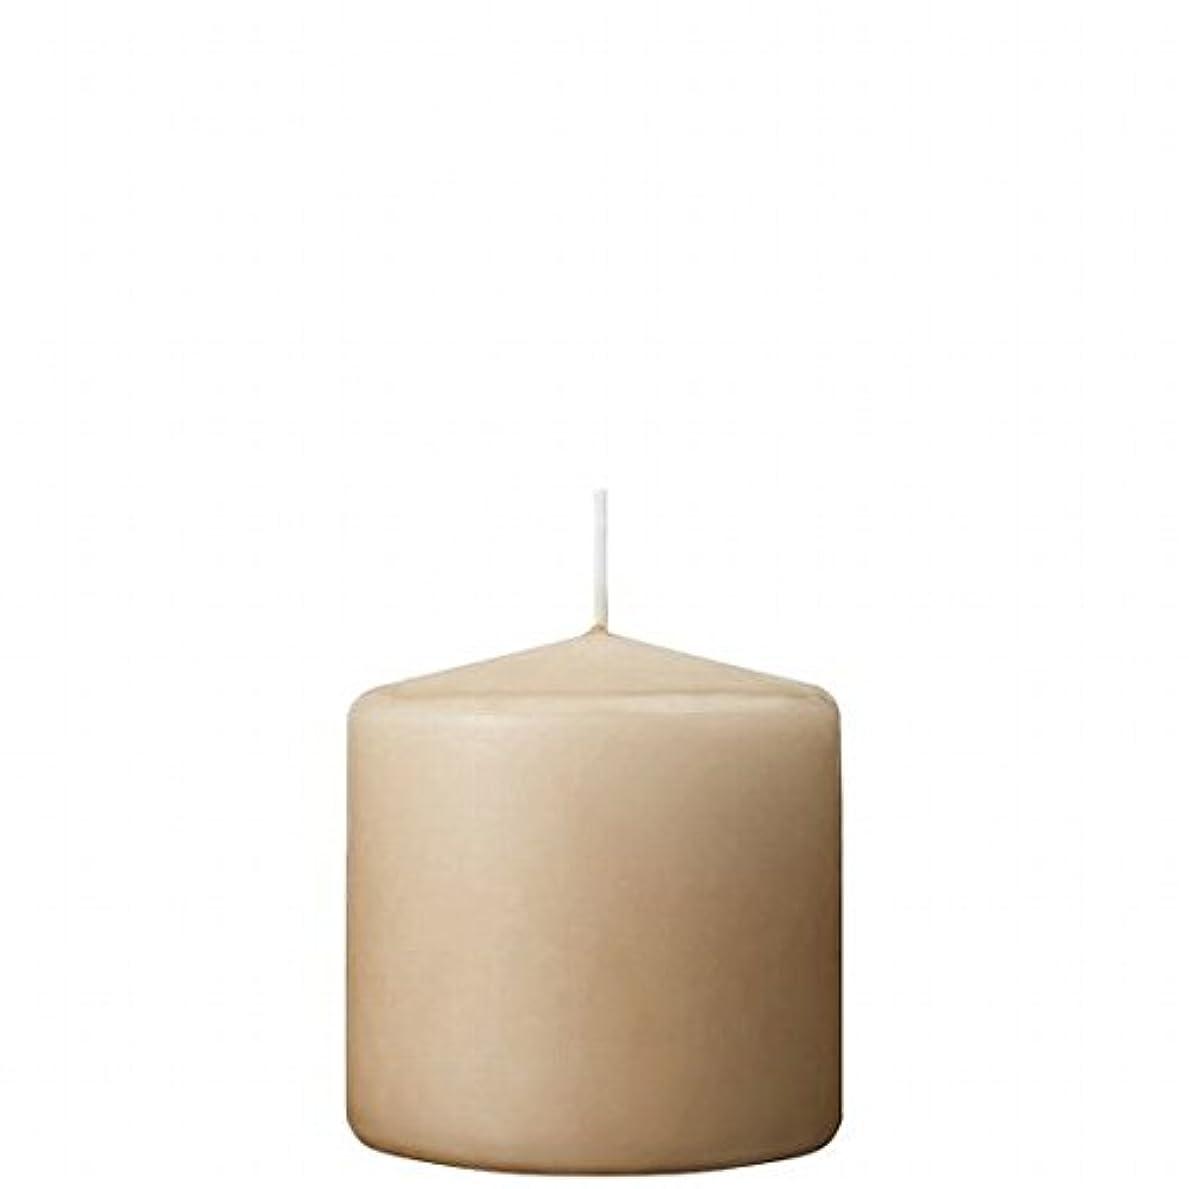 肩をすくめるアルミニウム警察署カメヤマキャンドル( kameyama candle ) 3×3ベルトップピラーキャンドル 「 ベージュ 」